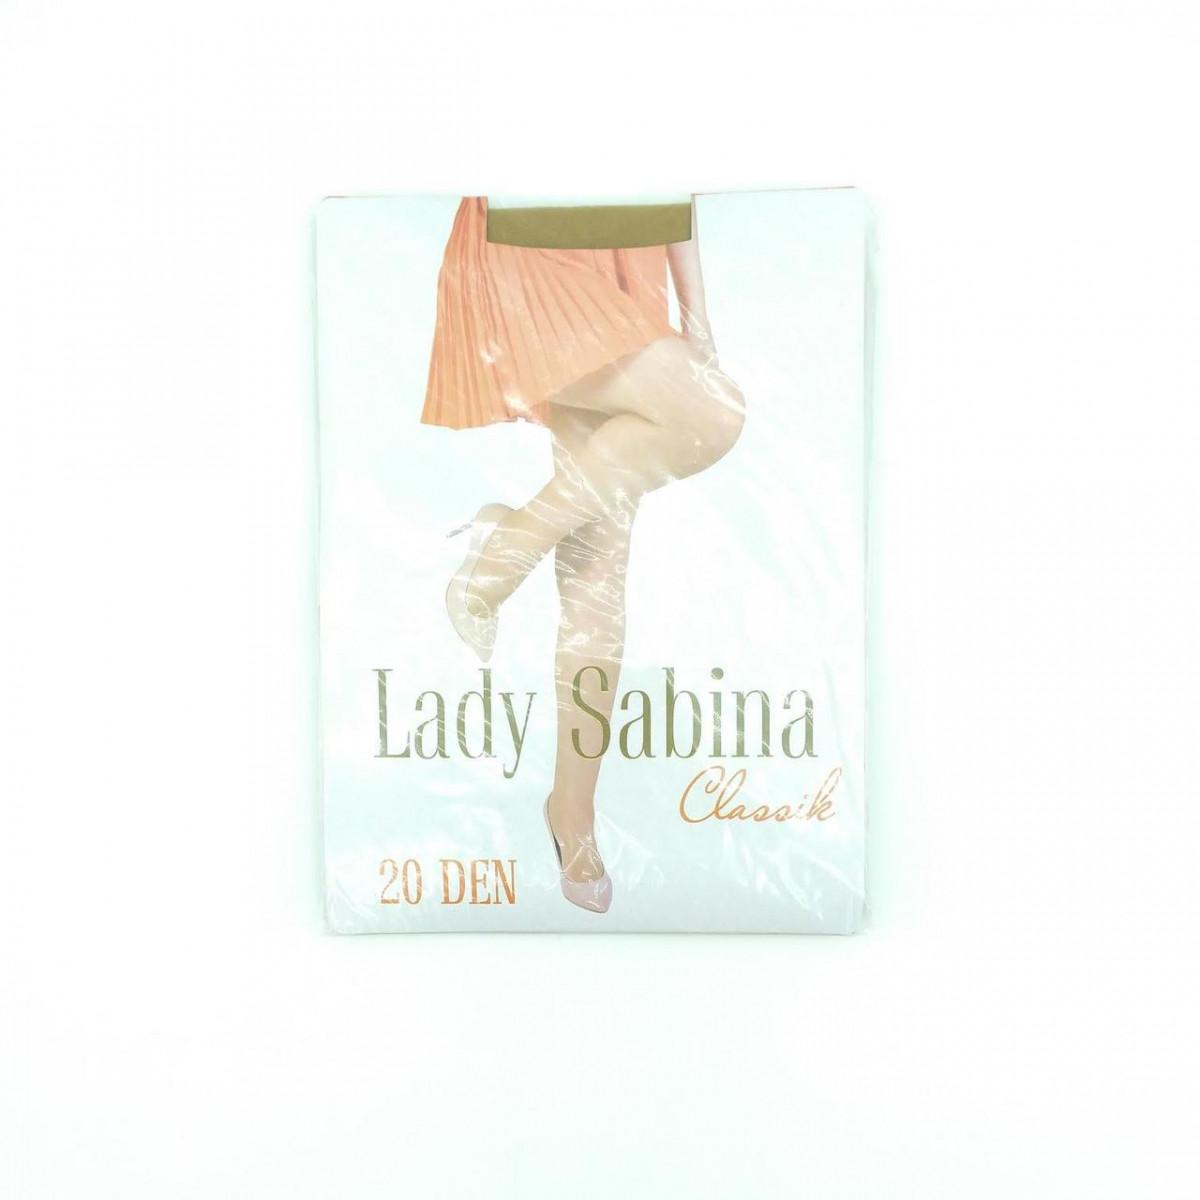 Колготки капроновые женские Lady Sabina, 20DEN, классика, размер 5, бежевые, 20024772